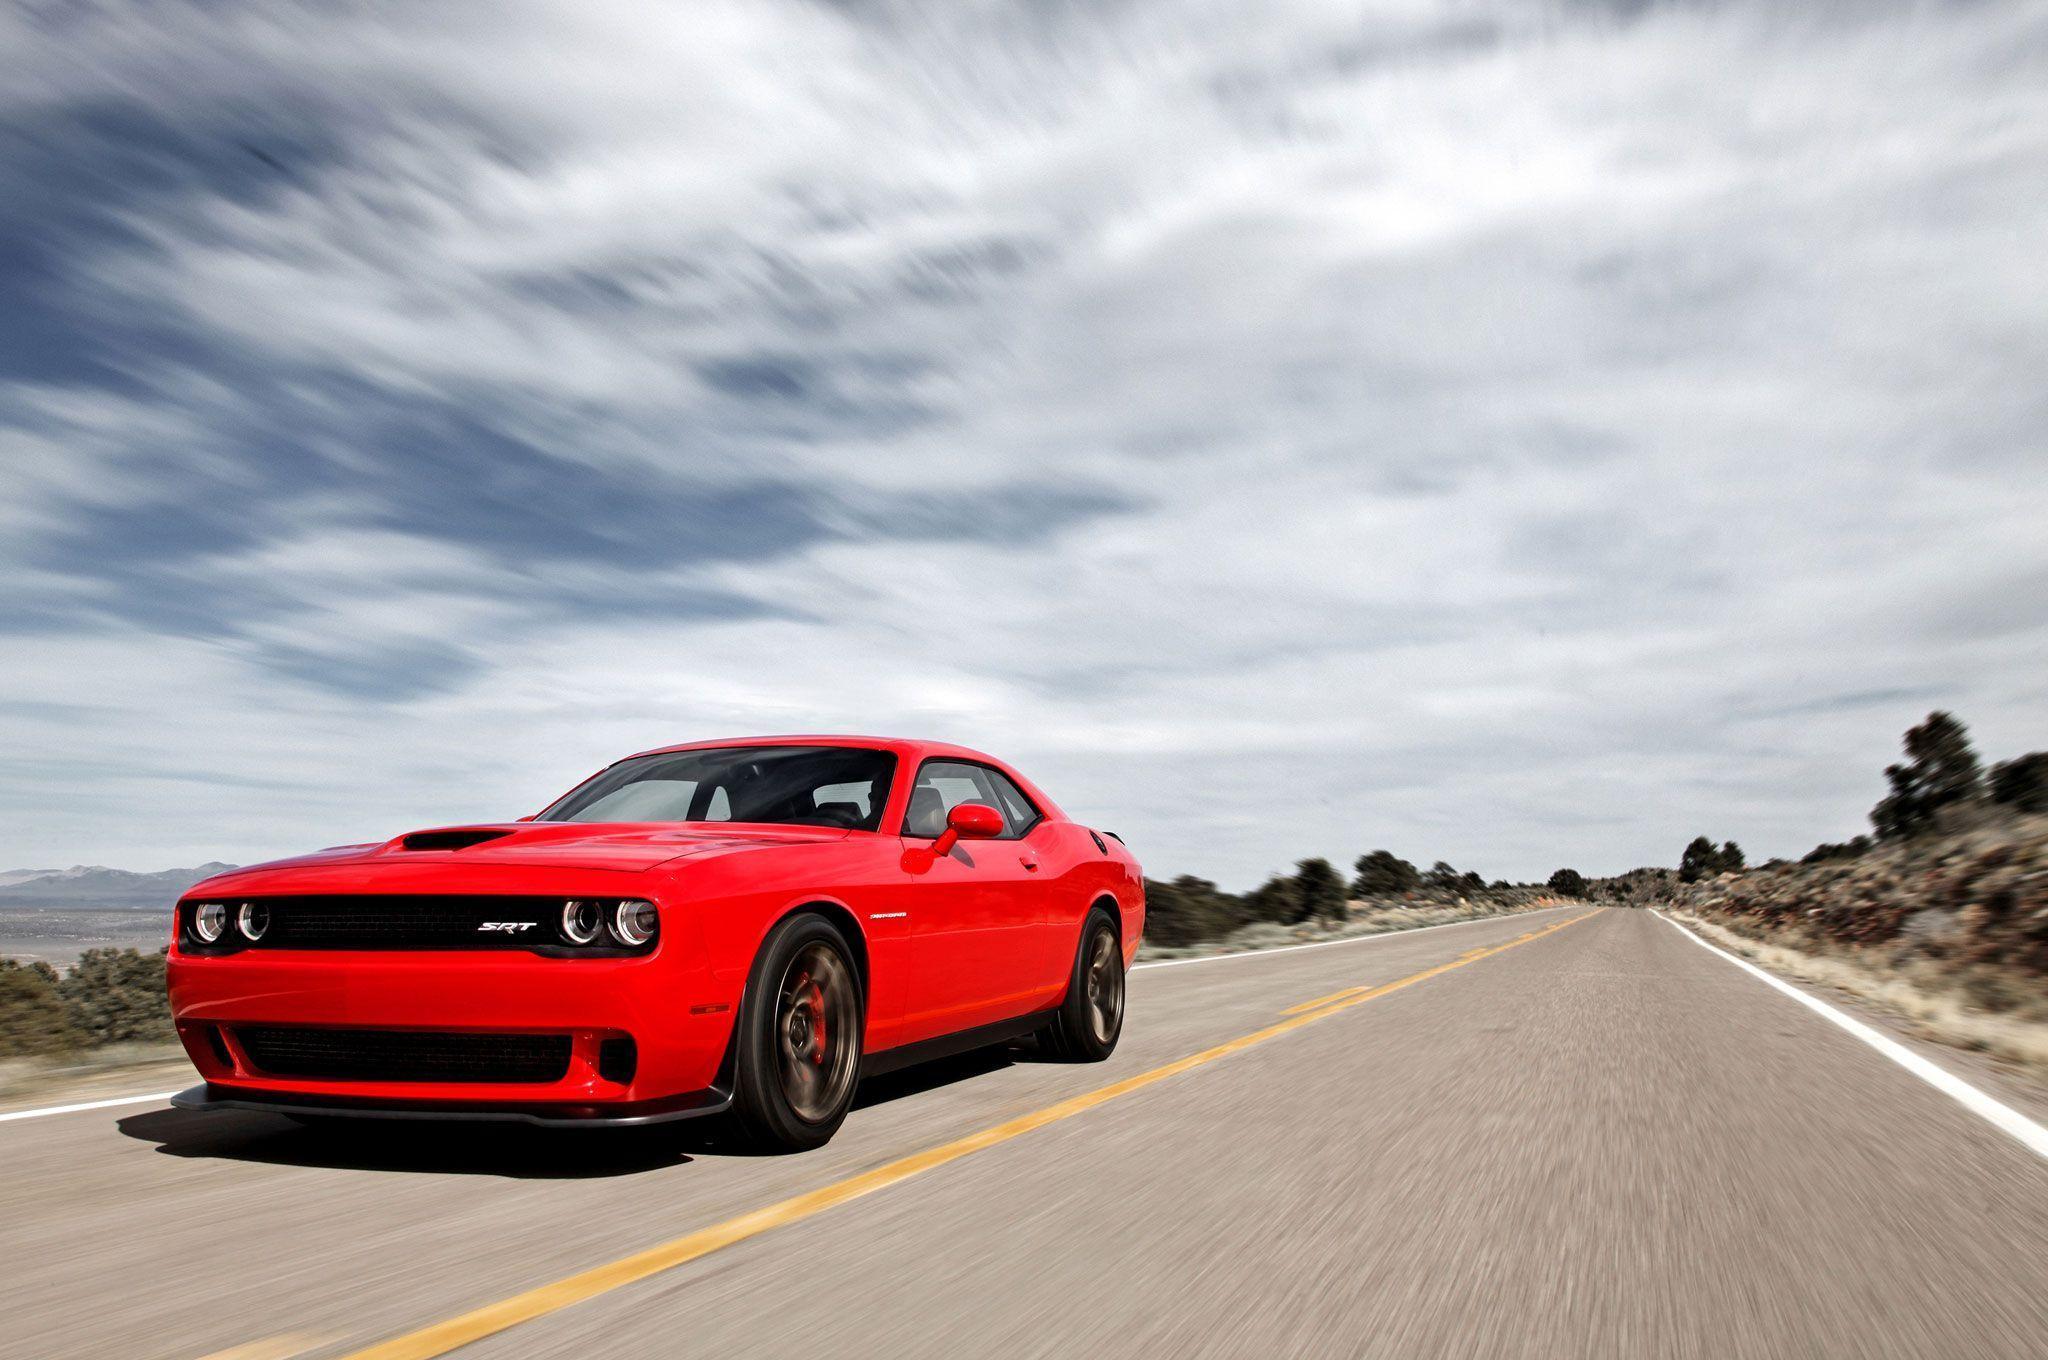 Dodge charger srt8 red wallpaper